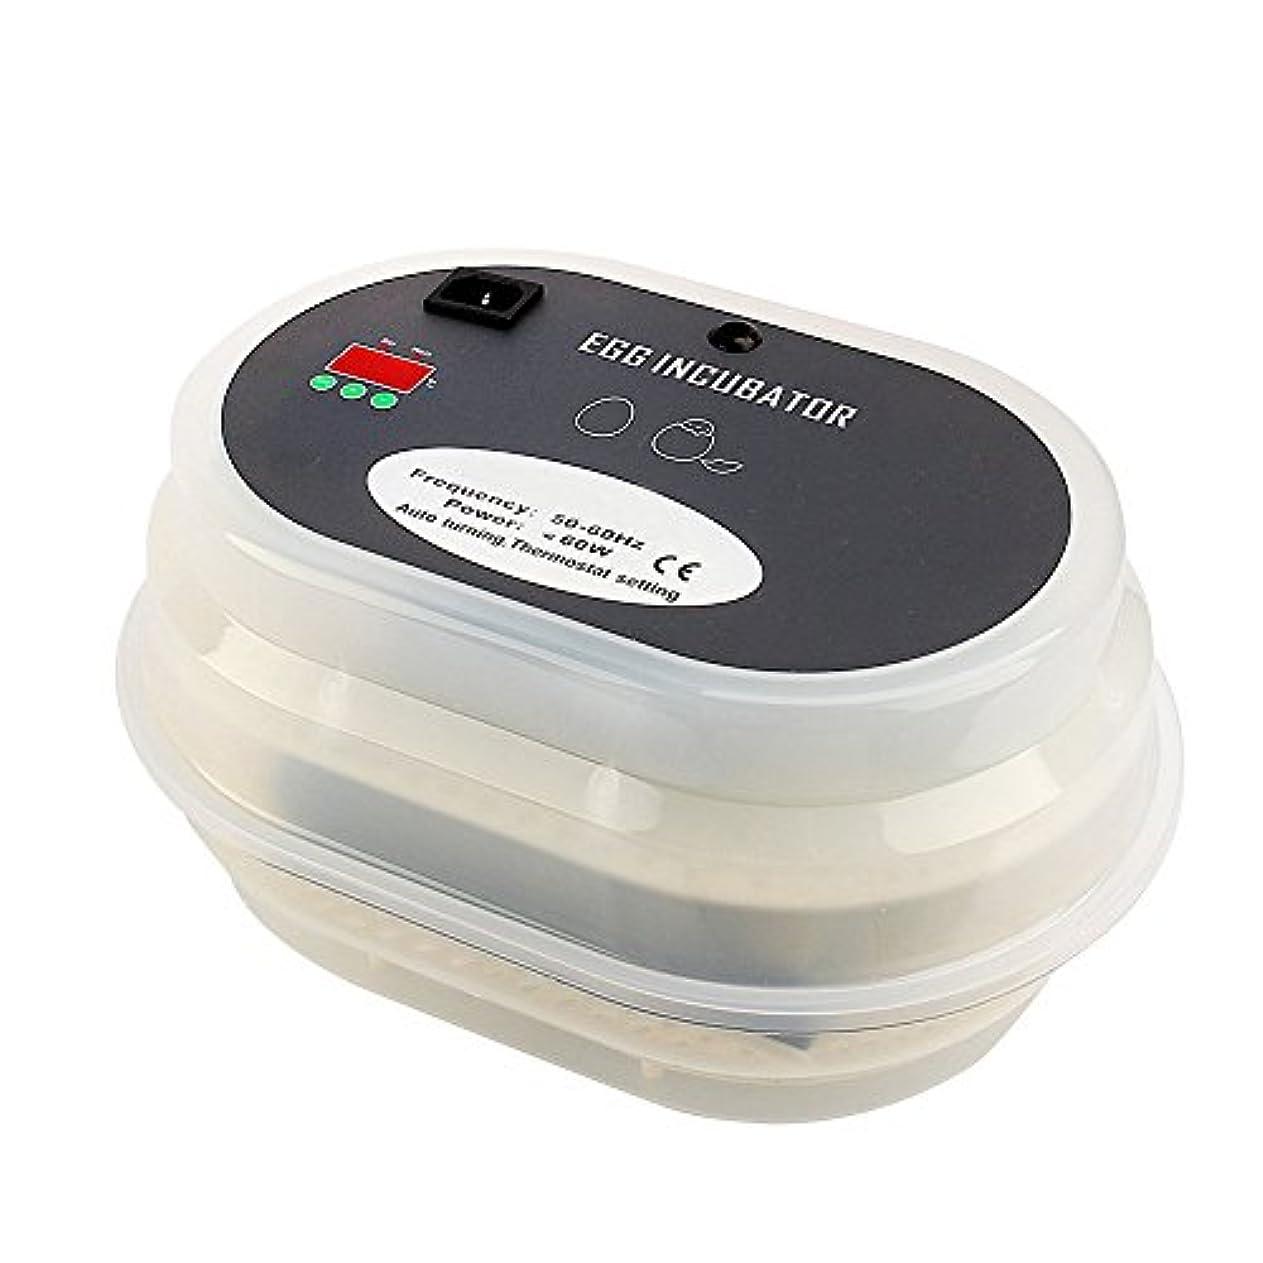 ジャグリングこんにちはもう一度BUYSEEY mini 小型 孵卵器 ふ卵器 孵化器 PSE認証 インキュベーター全自動 実験用 学校用 教学用 家庭用